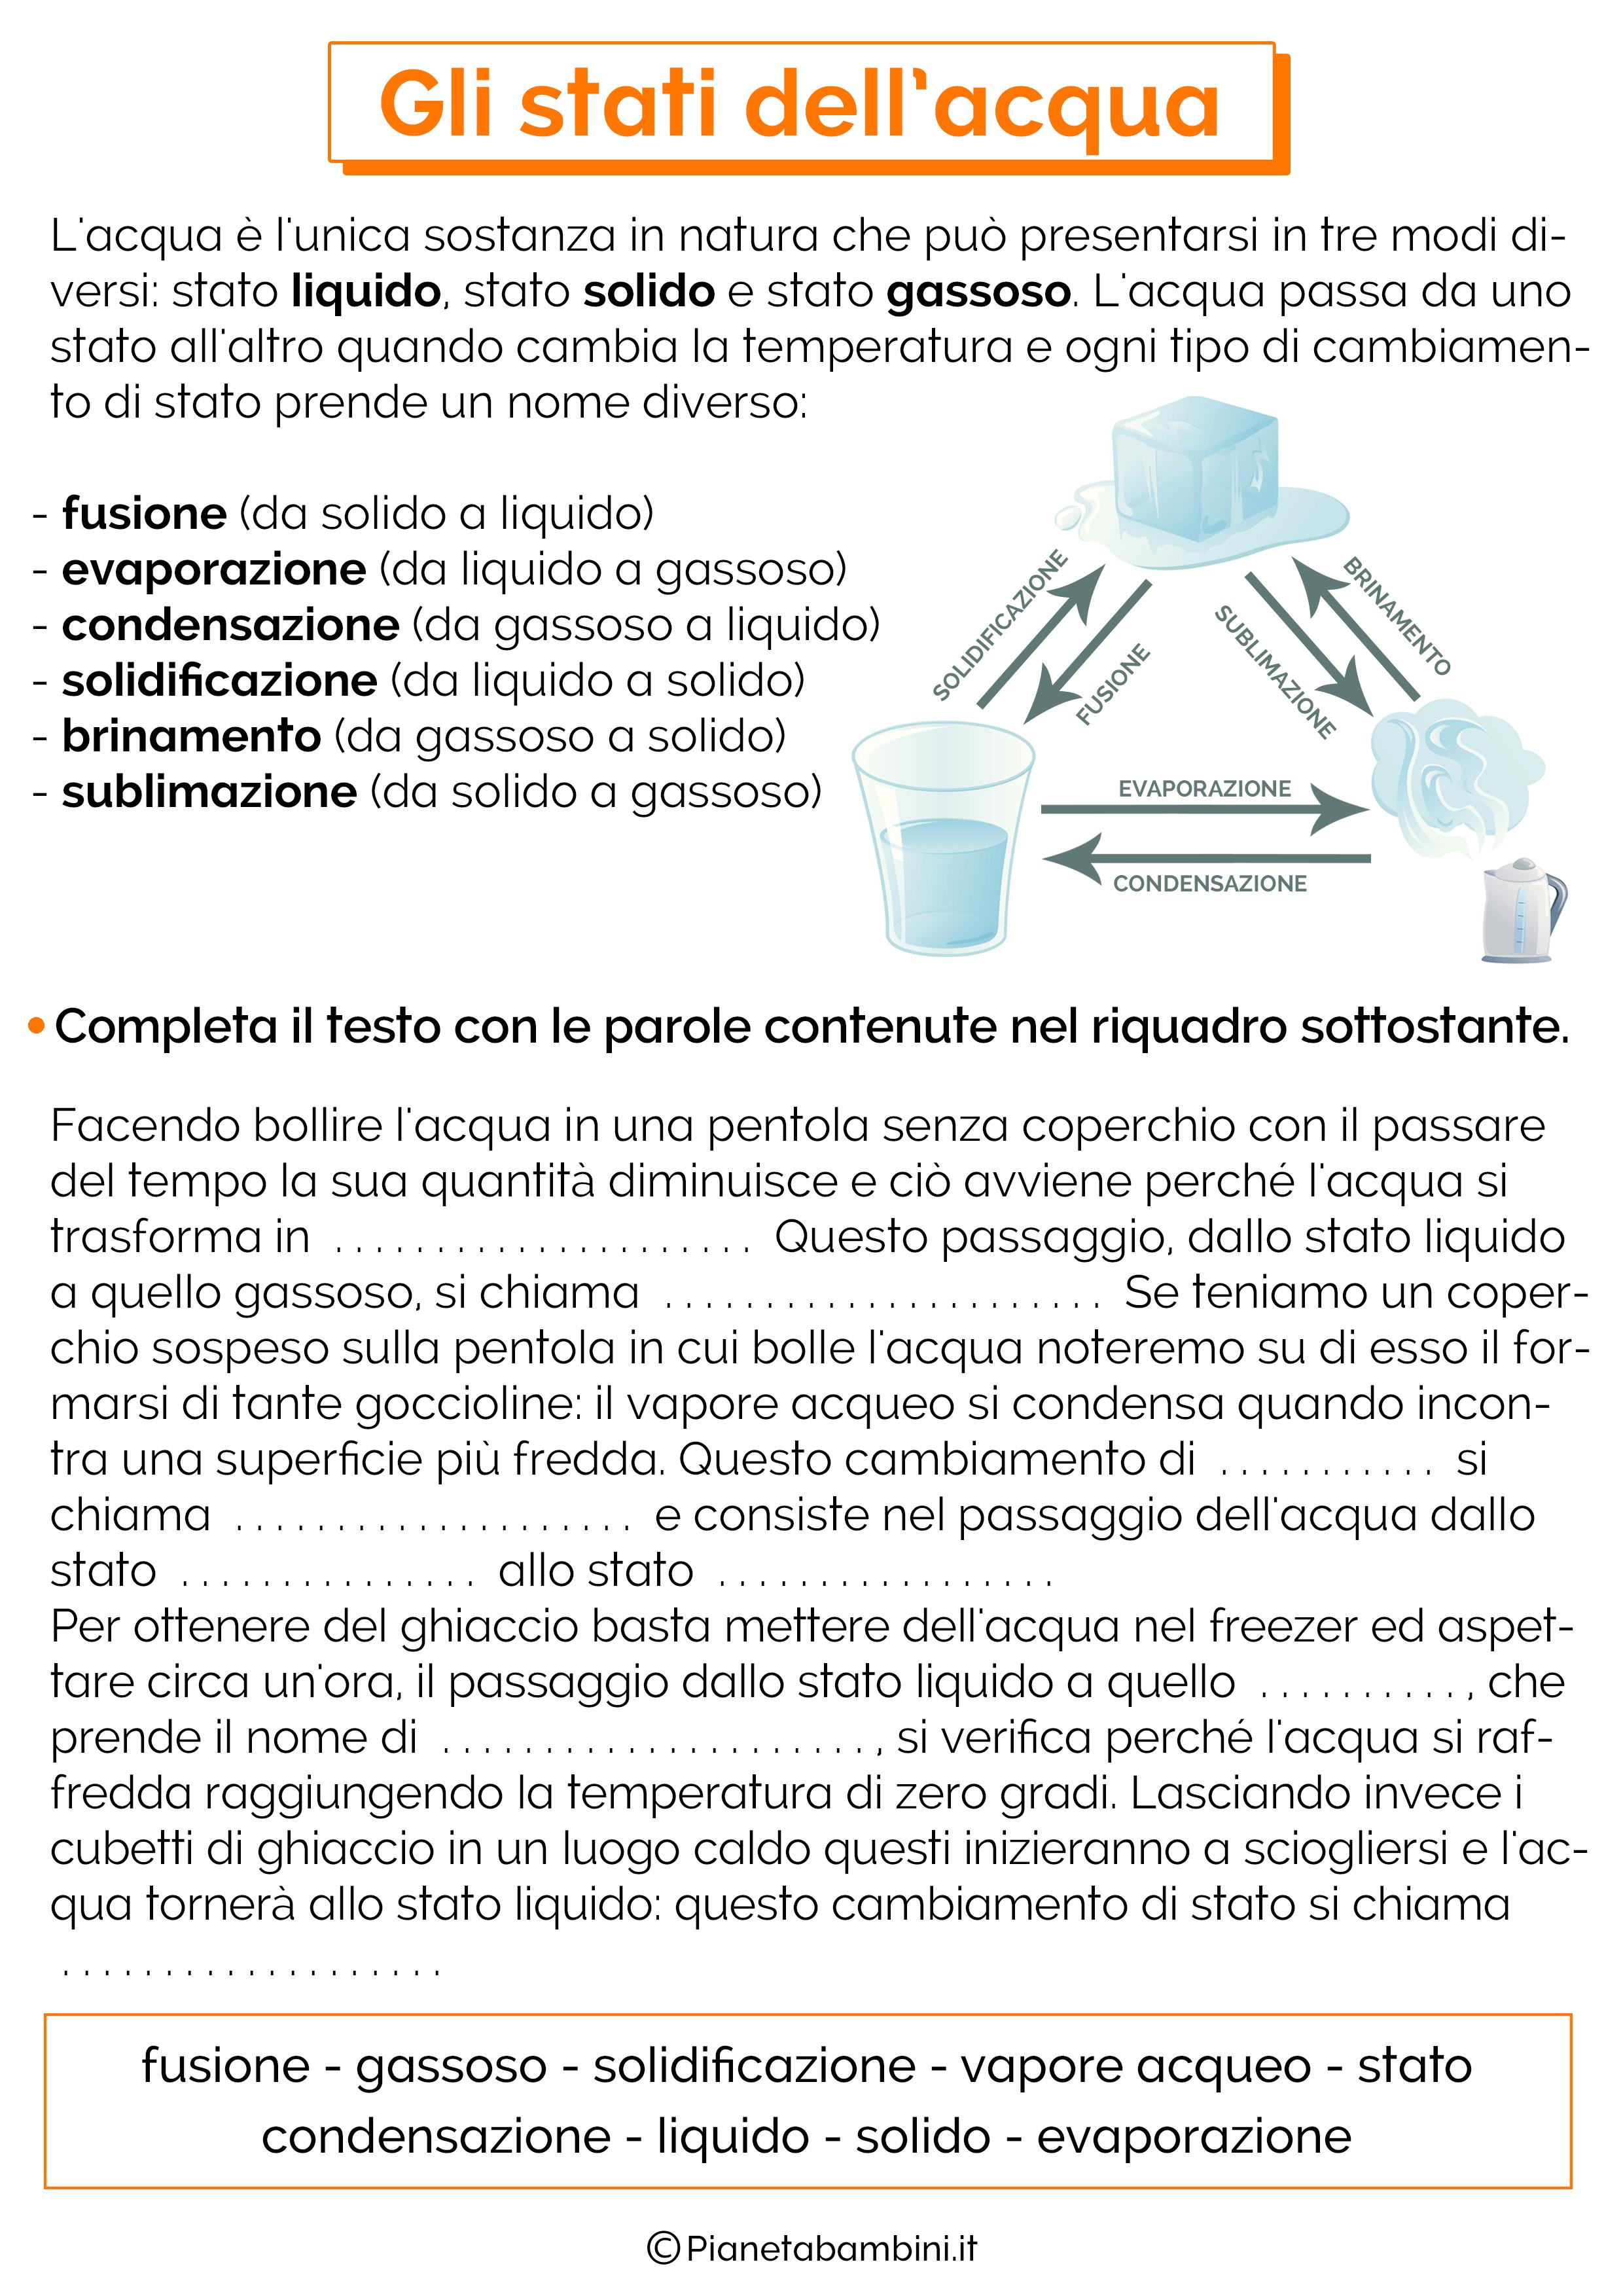 Molto L'Acqua: Schede Didattiche per la Scuola Primaria | PianetaBambini.it SC61